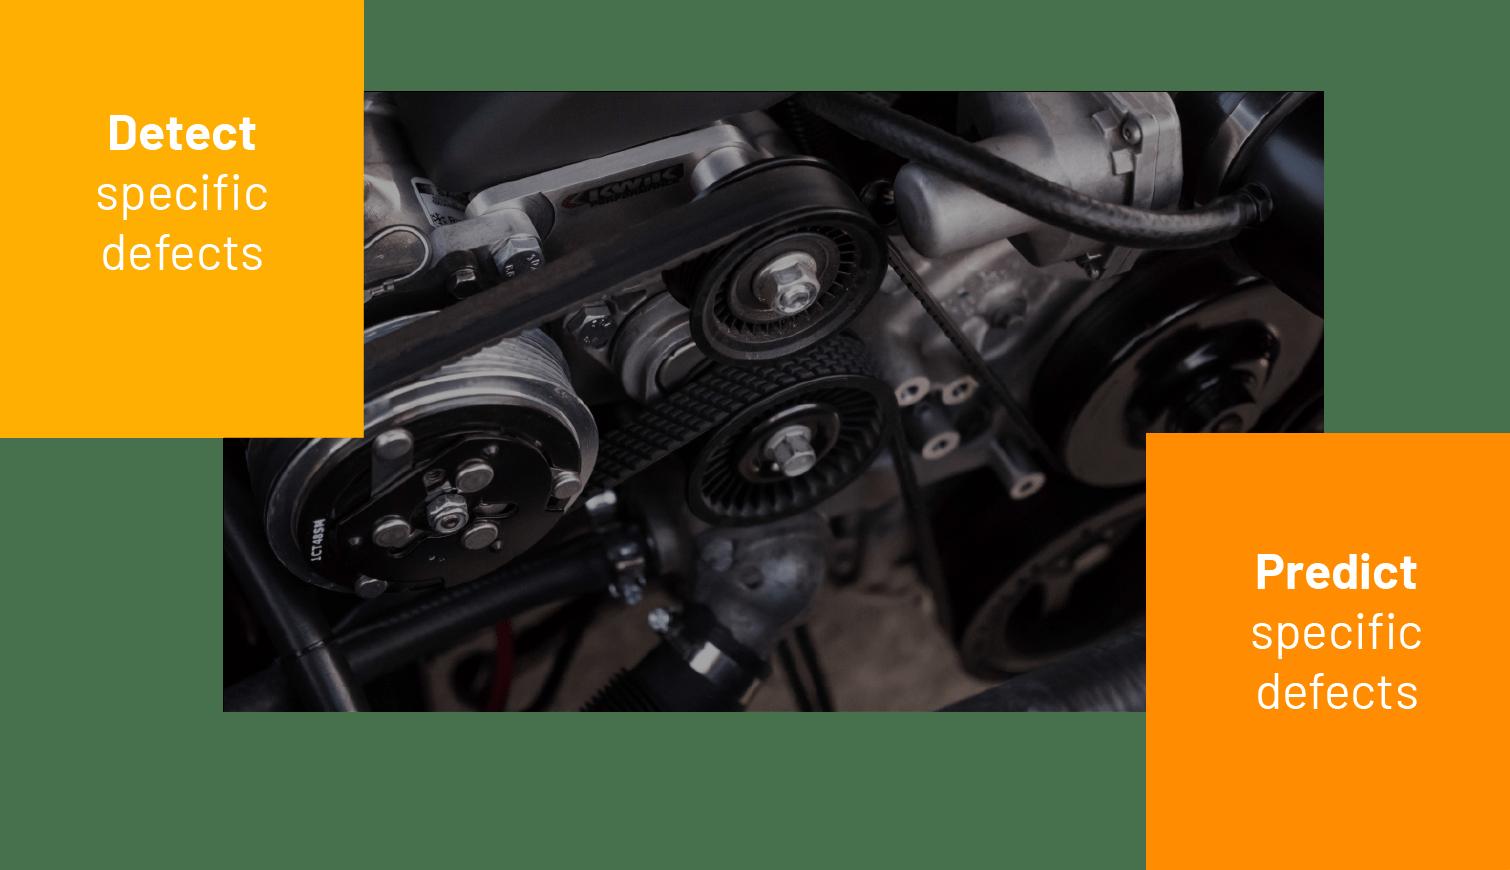 motor-detect-predict